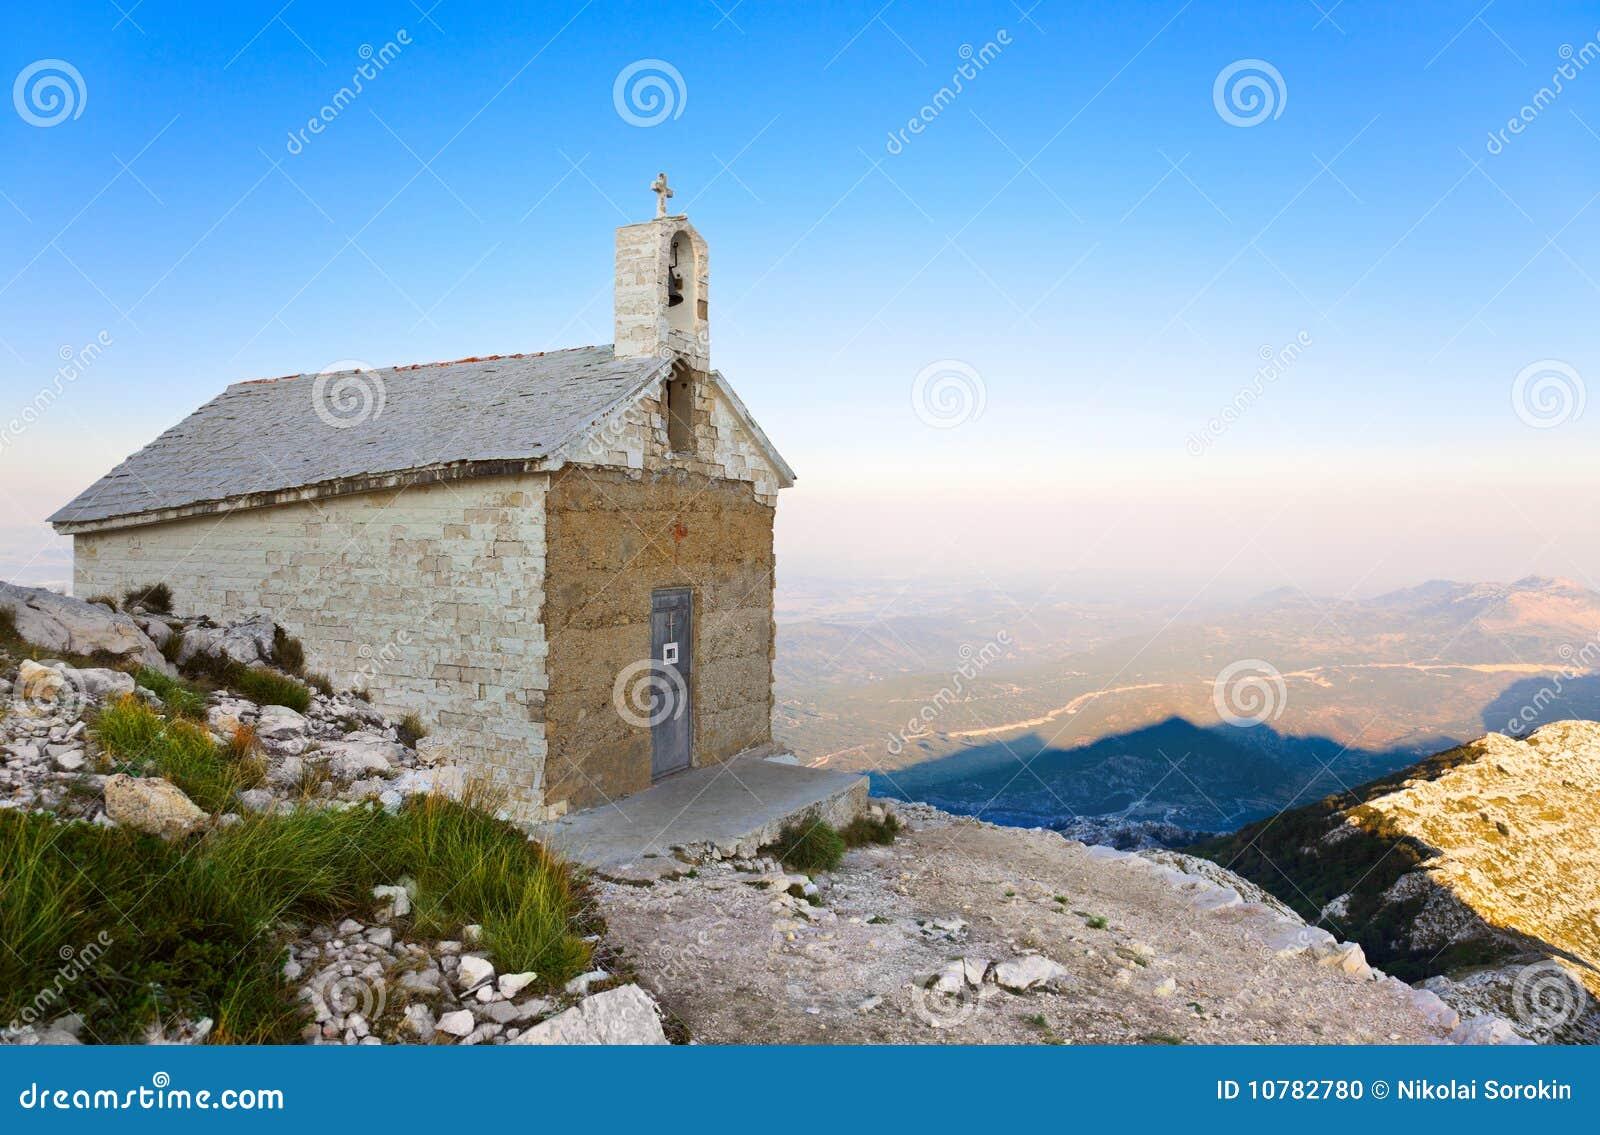 Oude kerk in bergen, Kroatië